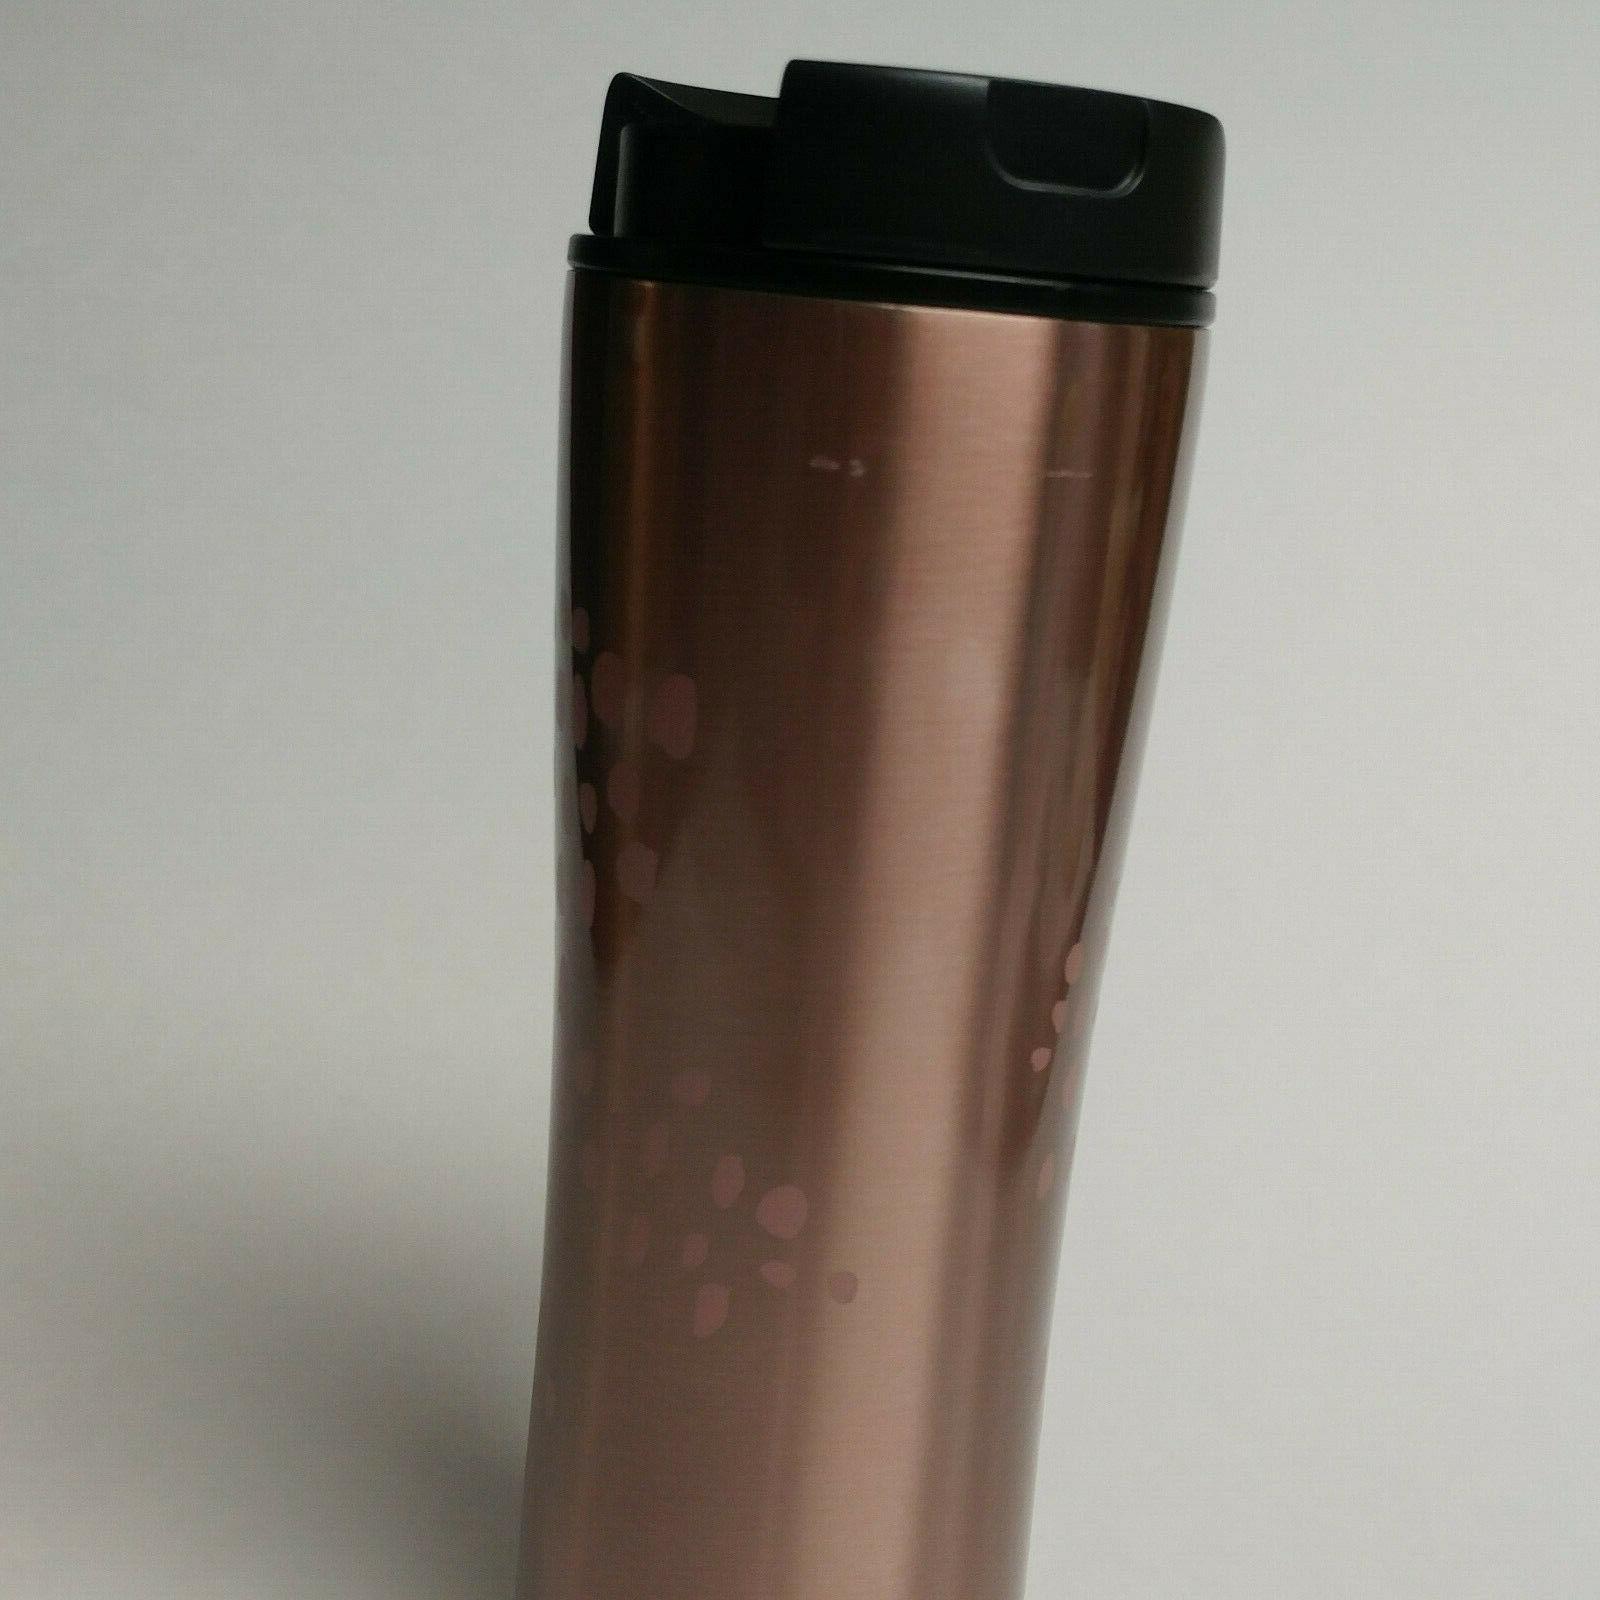 black 16oz travel mug tumbler coffee